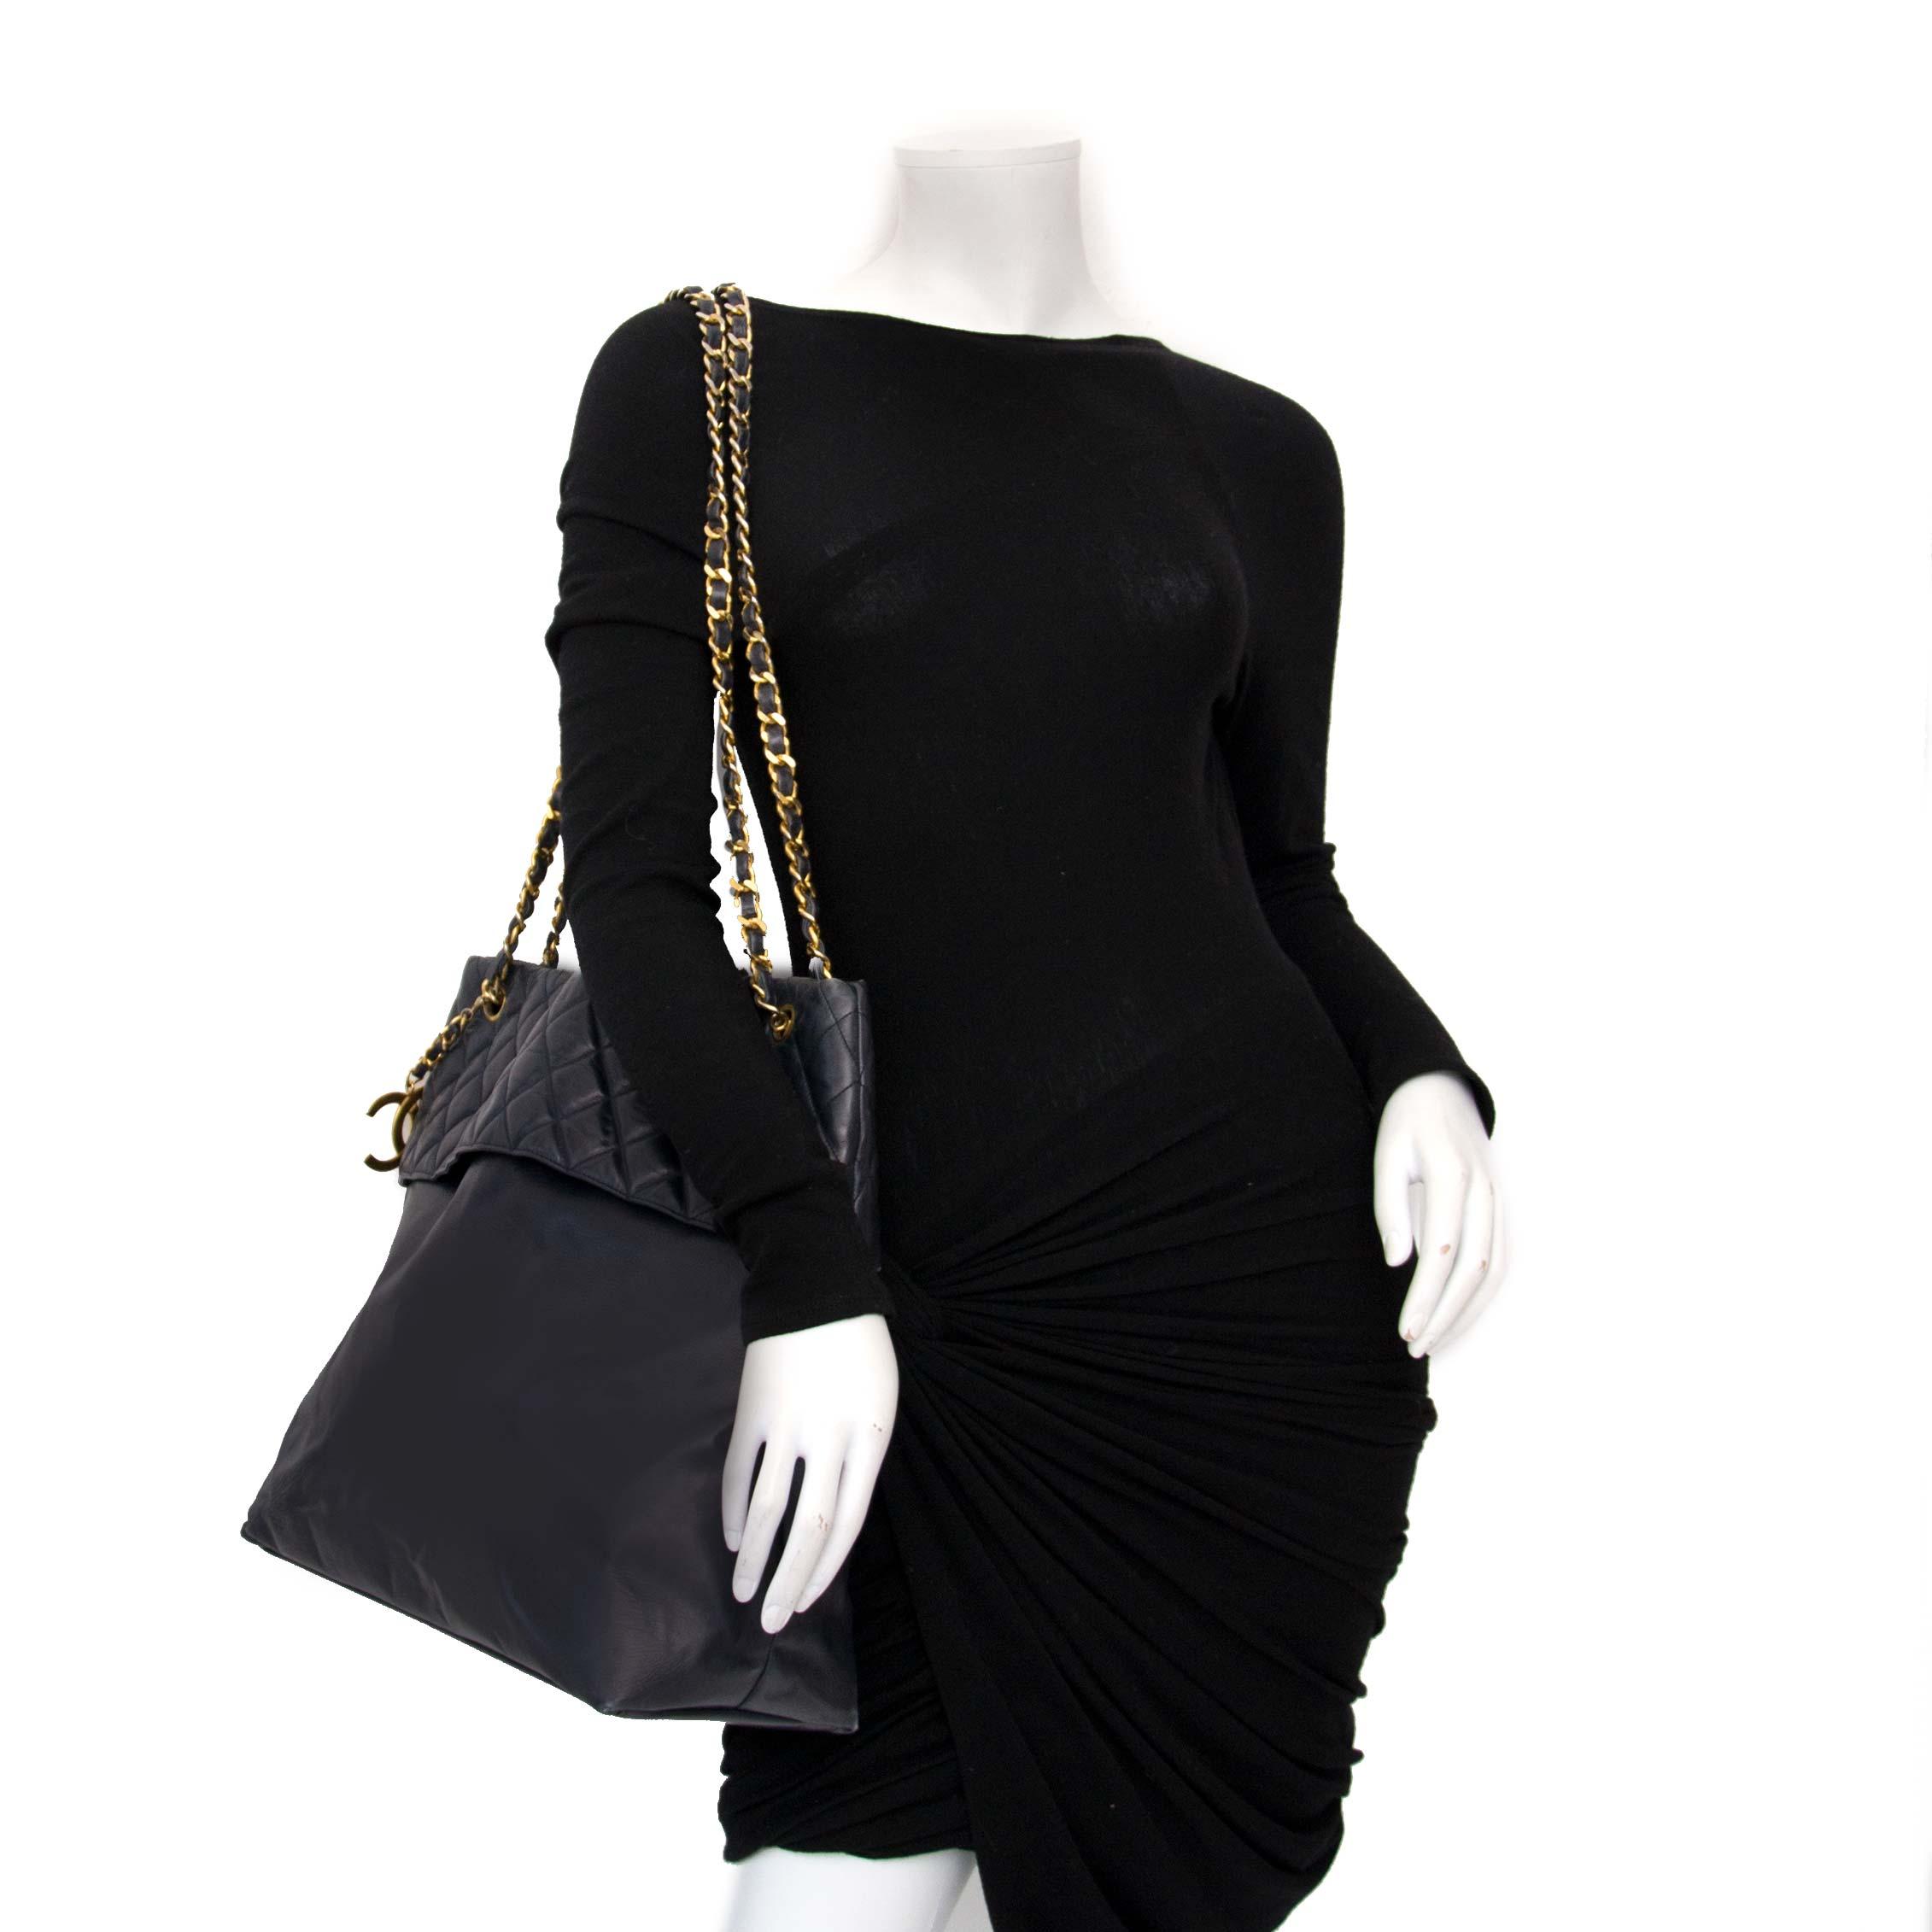 Koop uw authentieke vintage shopper van Chanel Paris bij Labellov